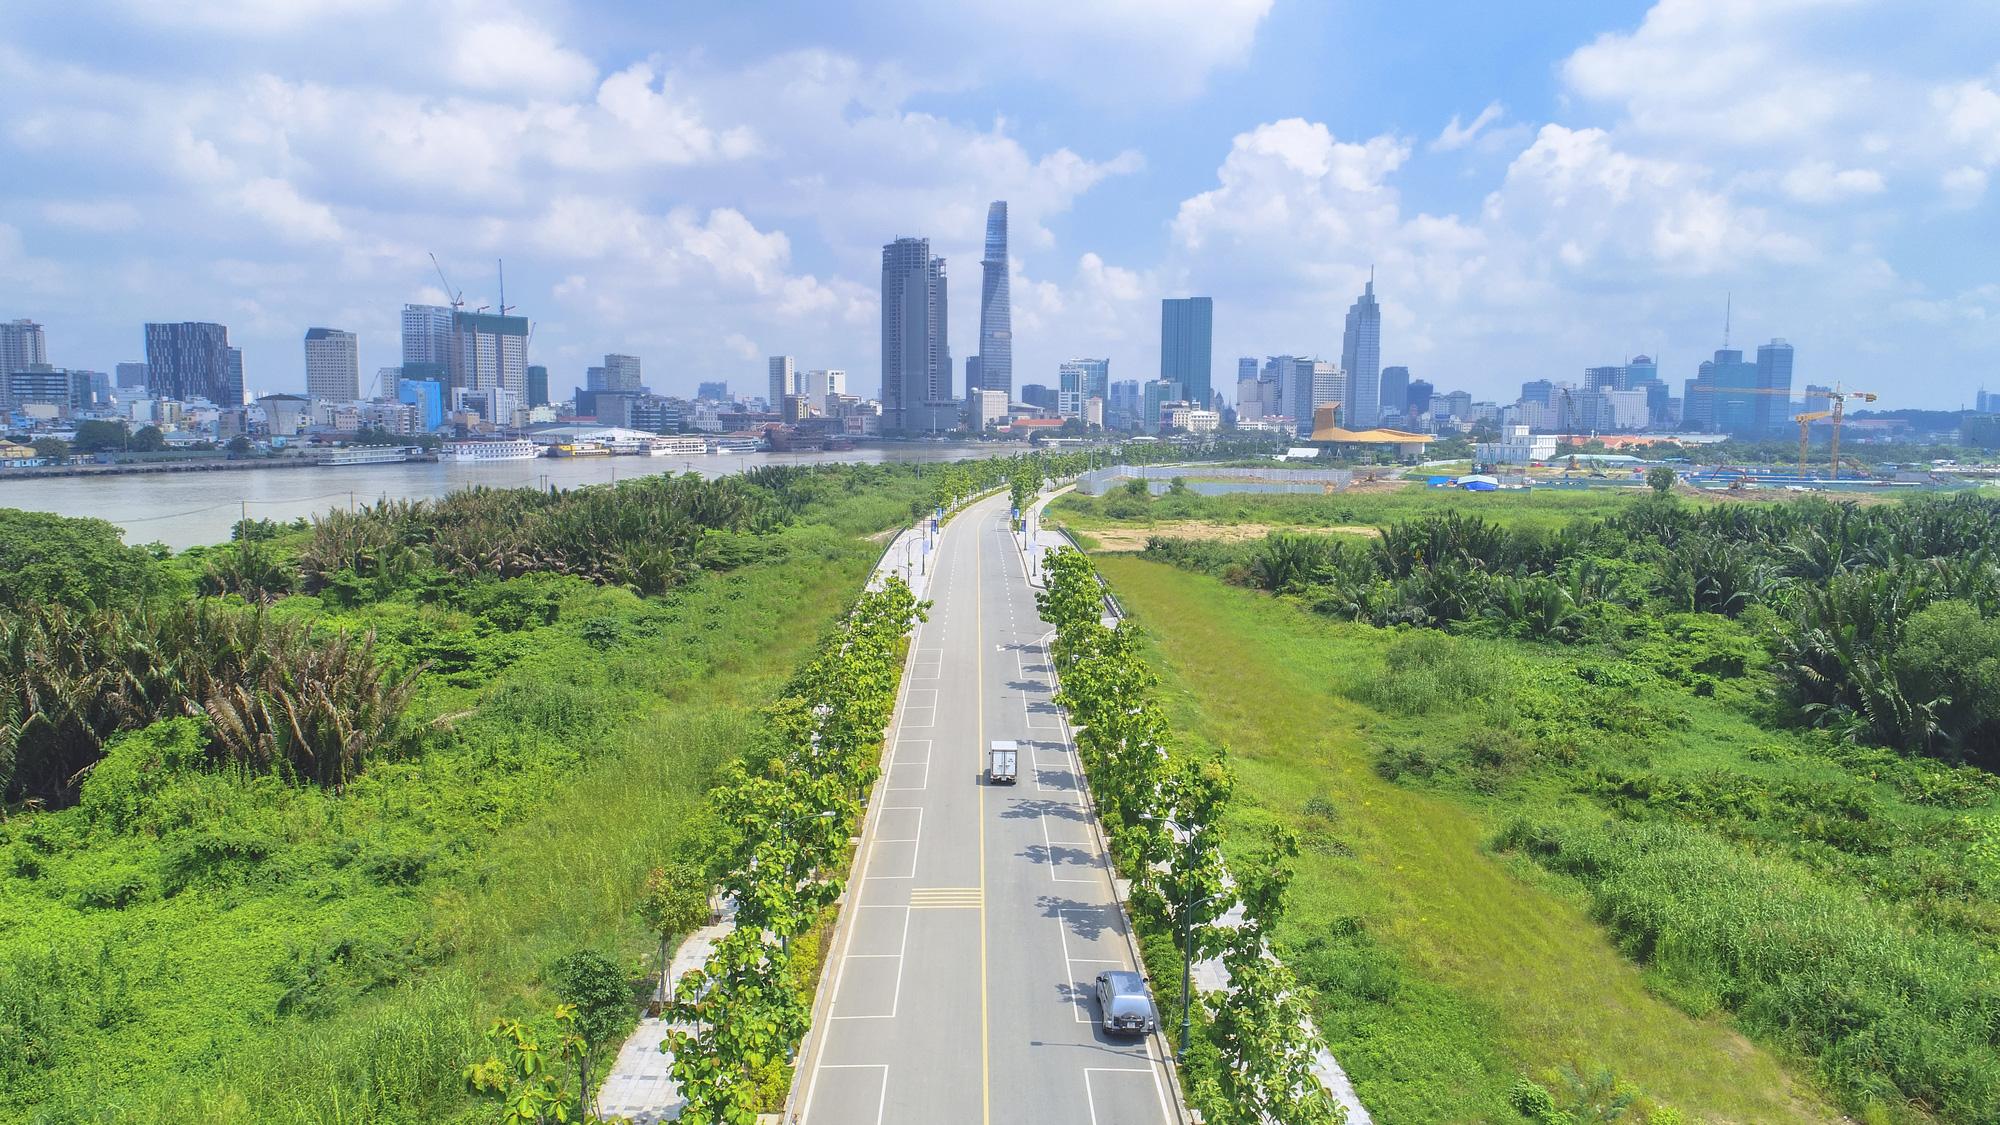 Kiểm toán nhà nước báo cáo thế nào về các dự án BT trong Khu đô thị mới Thủ Thiêm? - Ảnh 1.